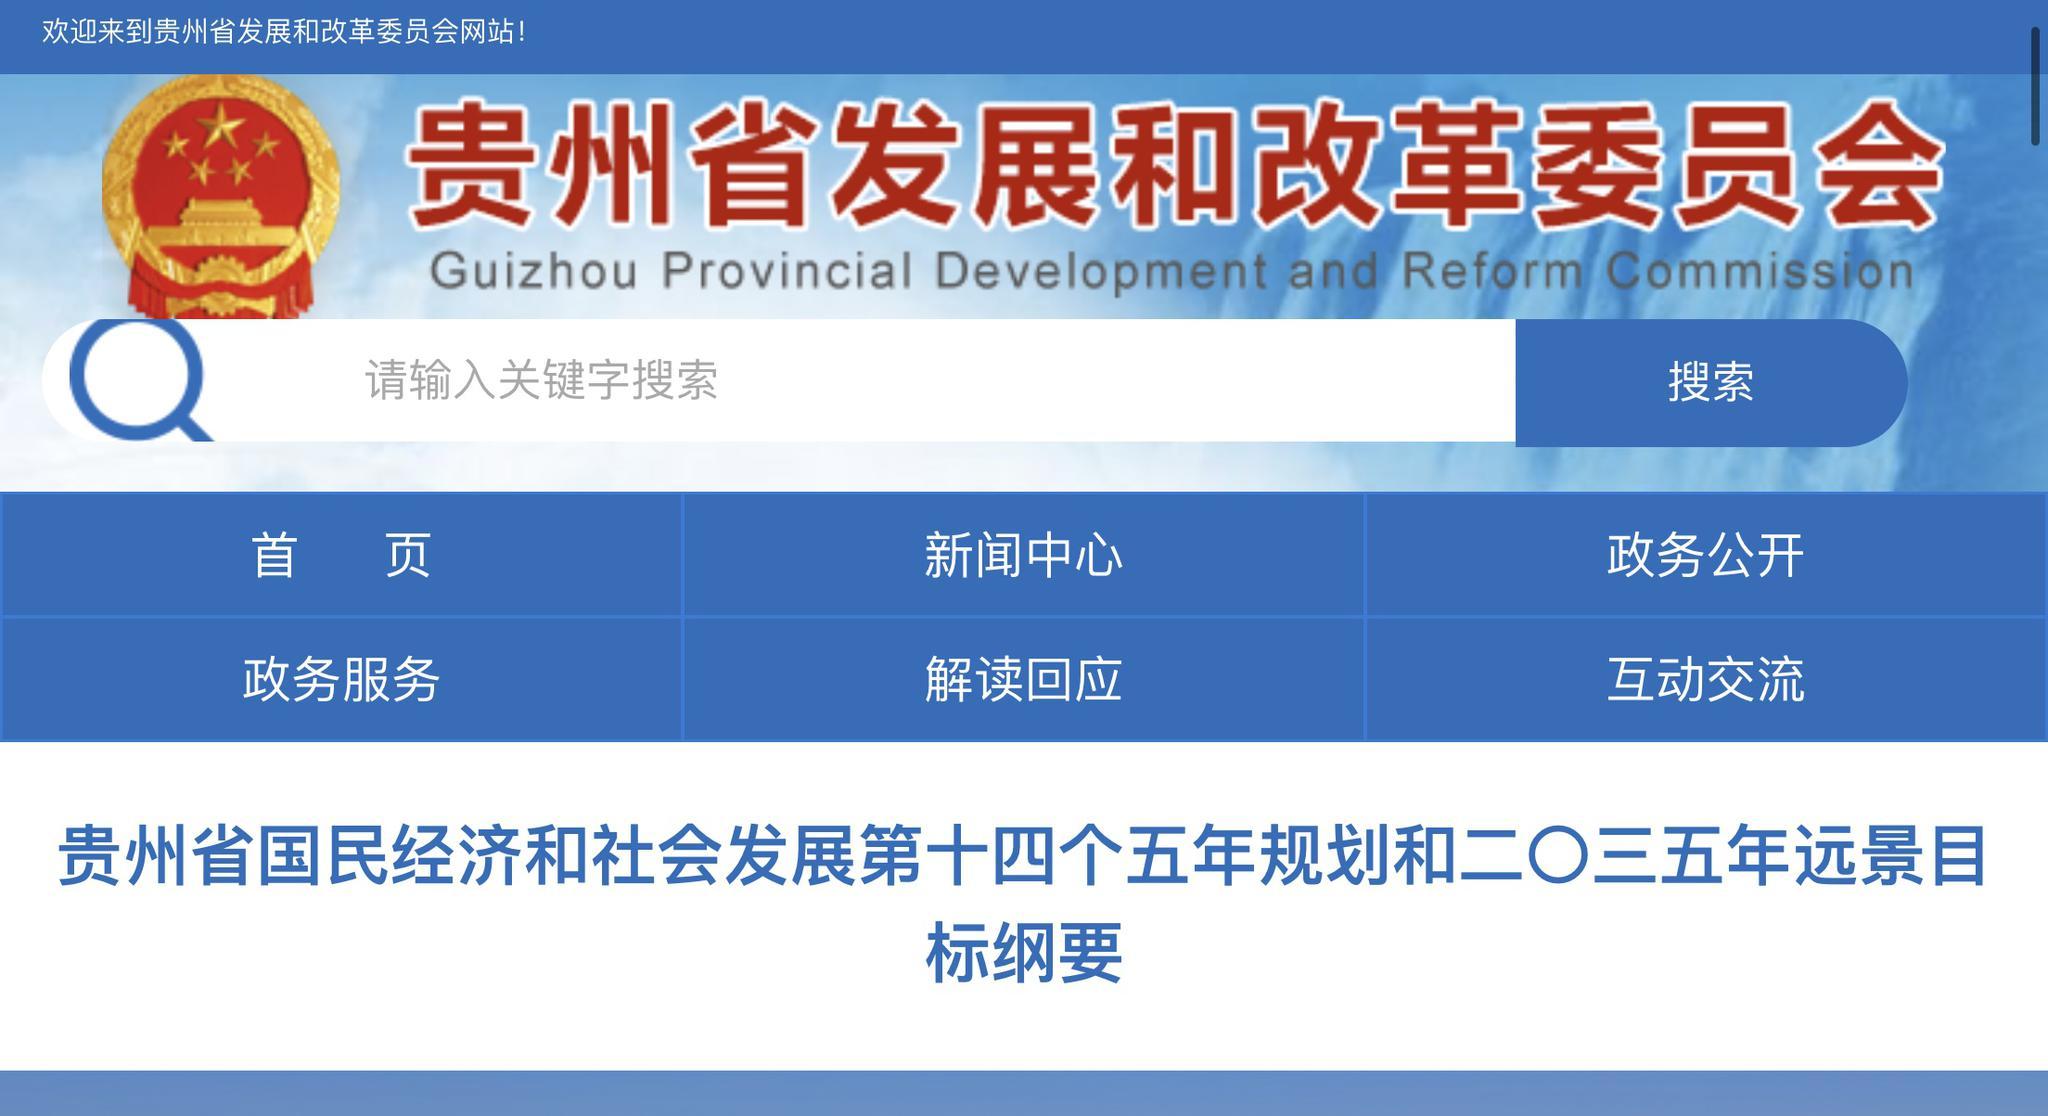 培育壮大白酒企业梯队,贵州规划2025年白酒产值2500亿